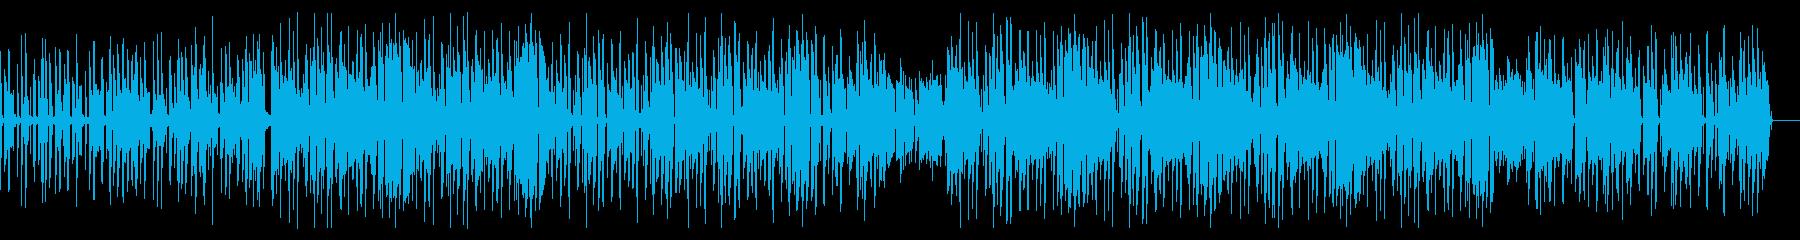 渋い ピアノ サックス ヒップホップの再生済みの波形